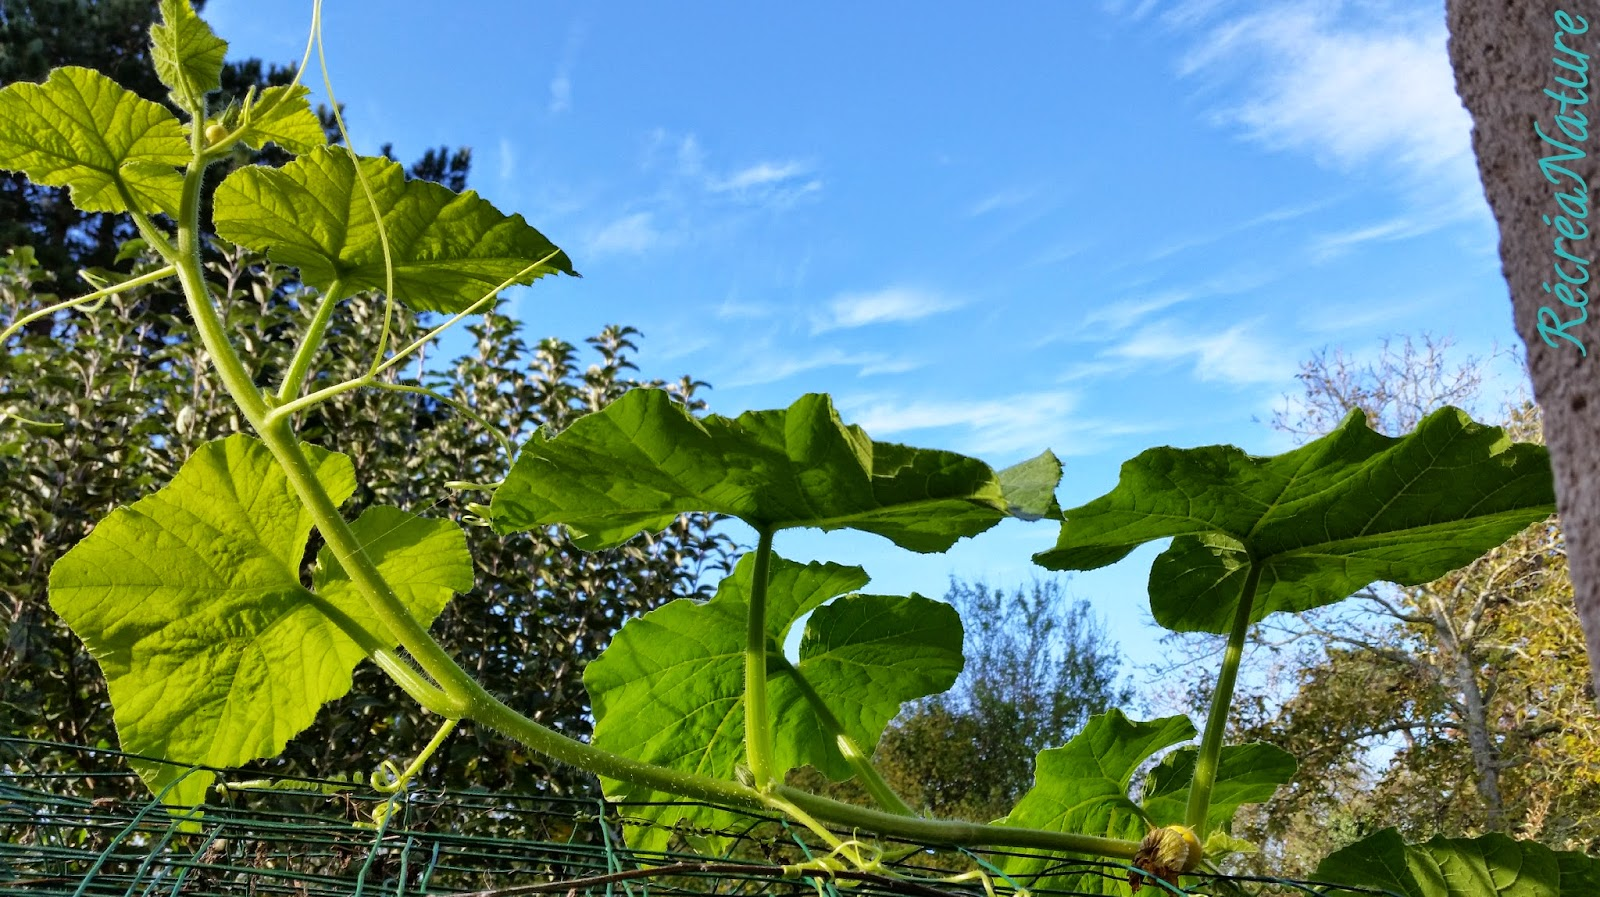 Que trouve t on dans mon jardin mi novembre - Jardin novembre ...